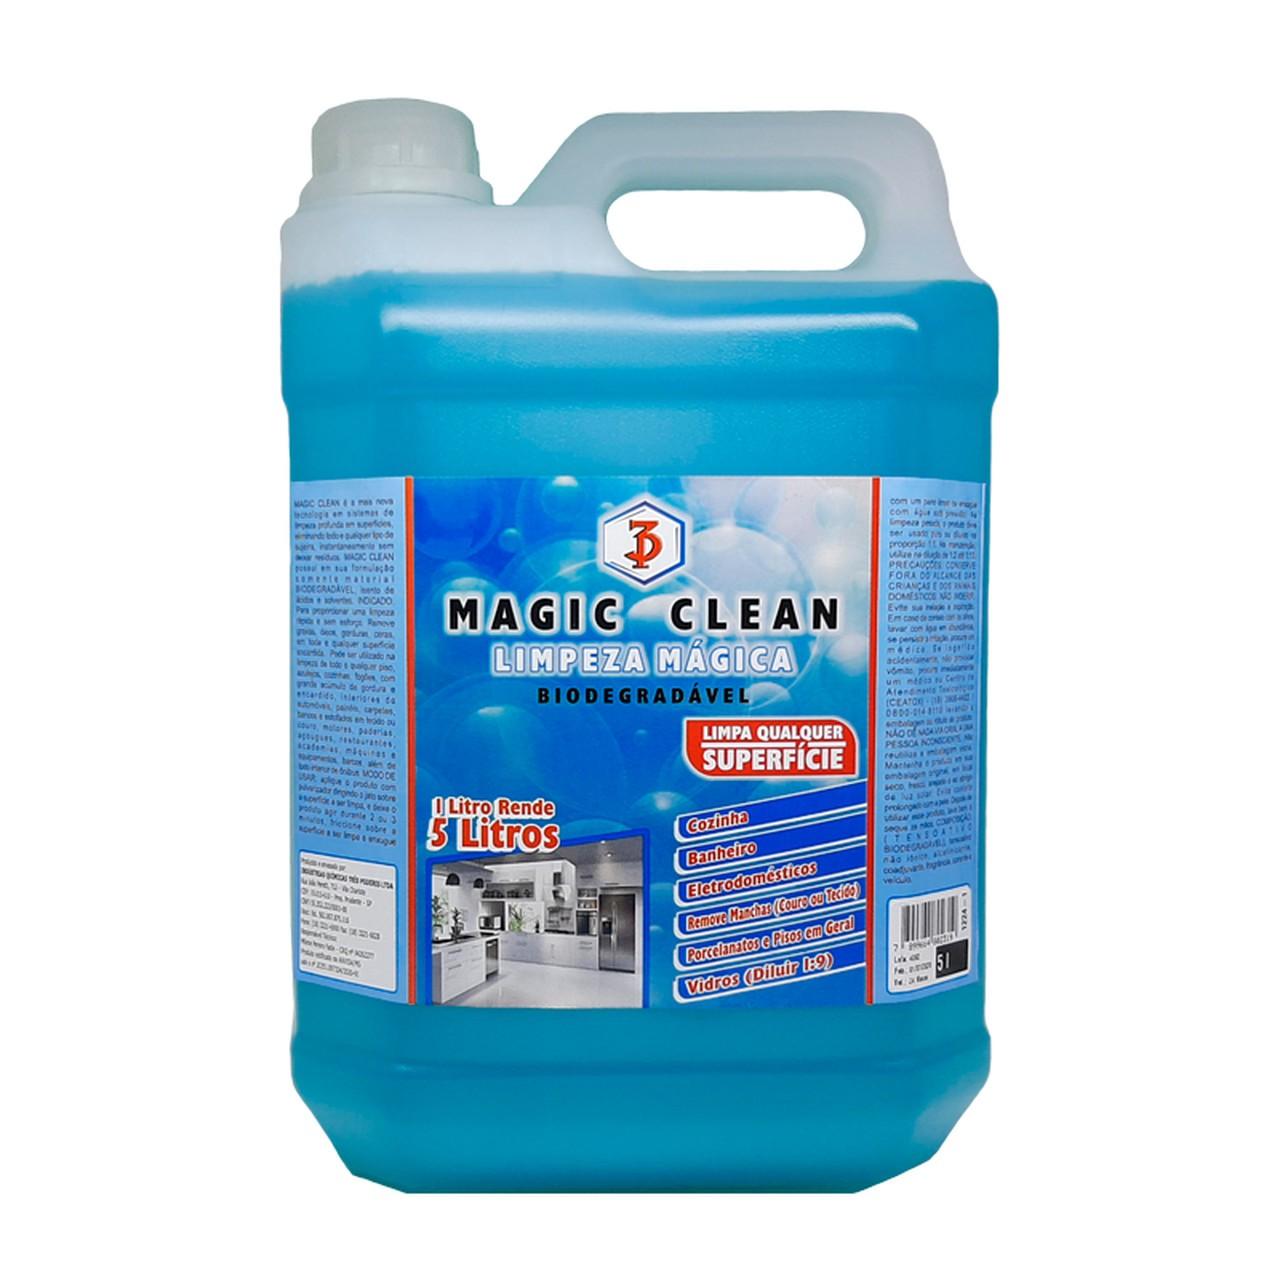 MAGIC CLEAN 3 PODERES 5LTS - LIMPEZA MÁGICA flotador desengordurante